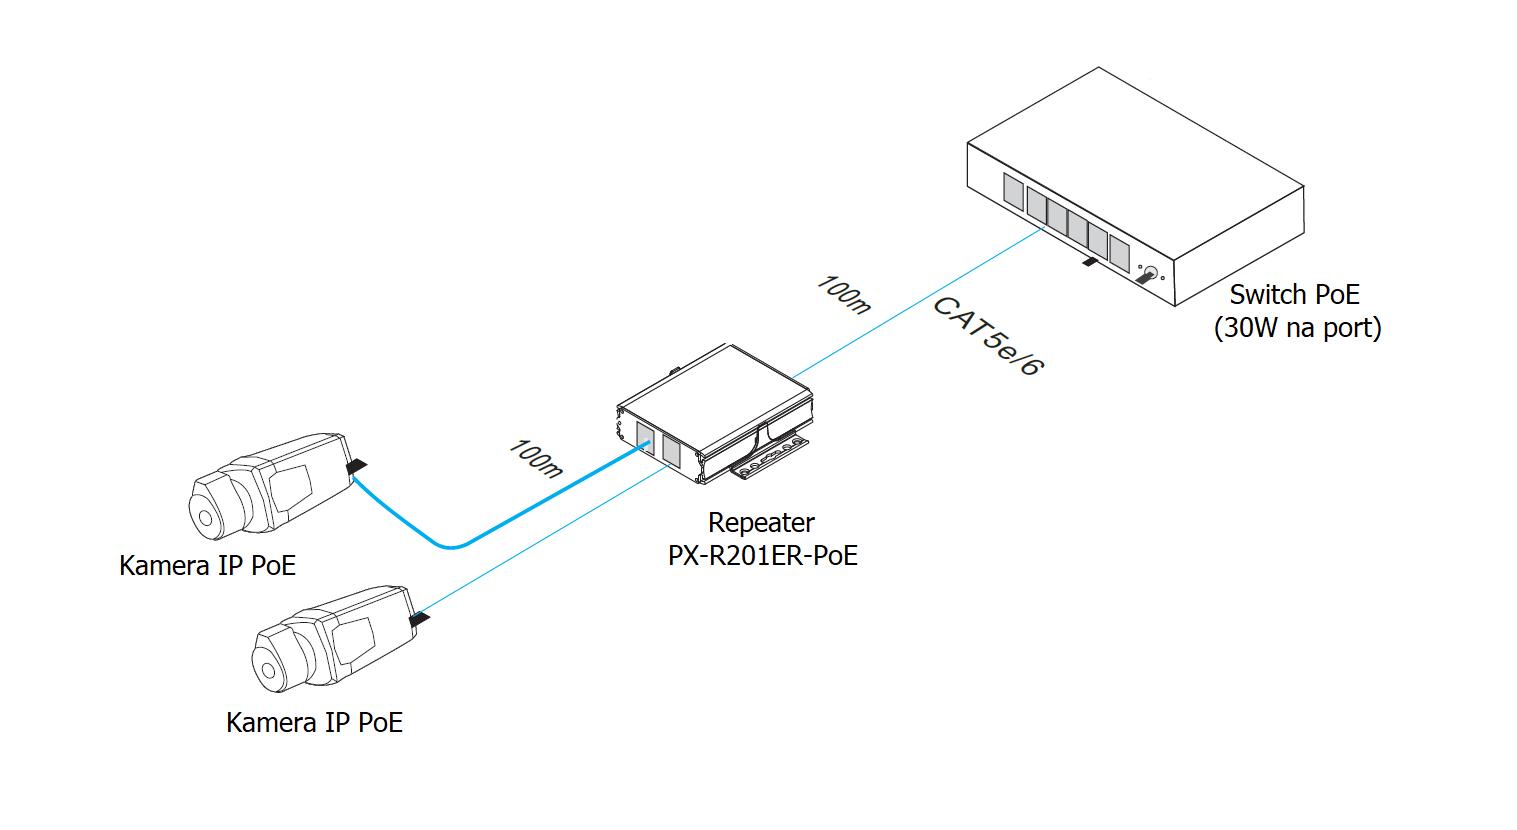 Przykładowe zastosowanie repeatera PX-R201ER-POE.